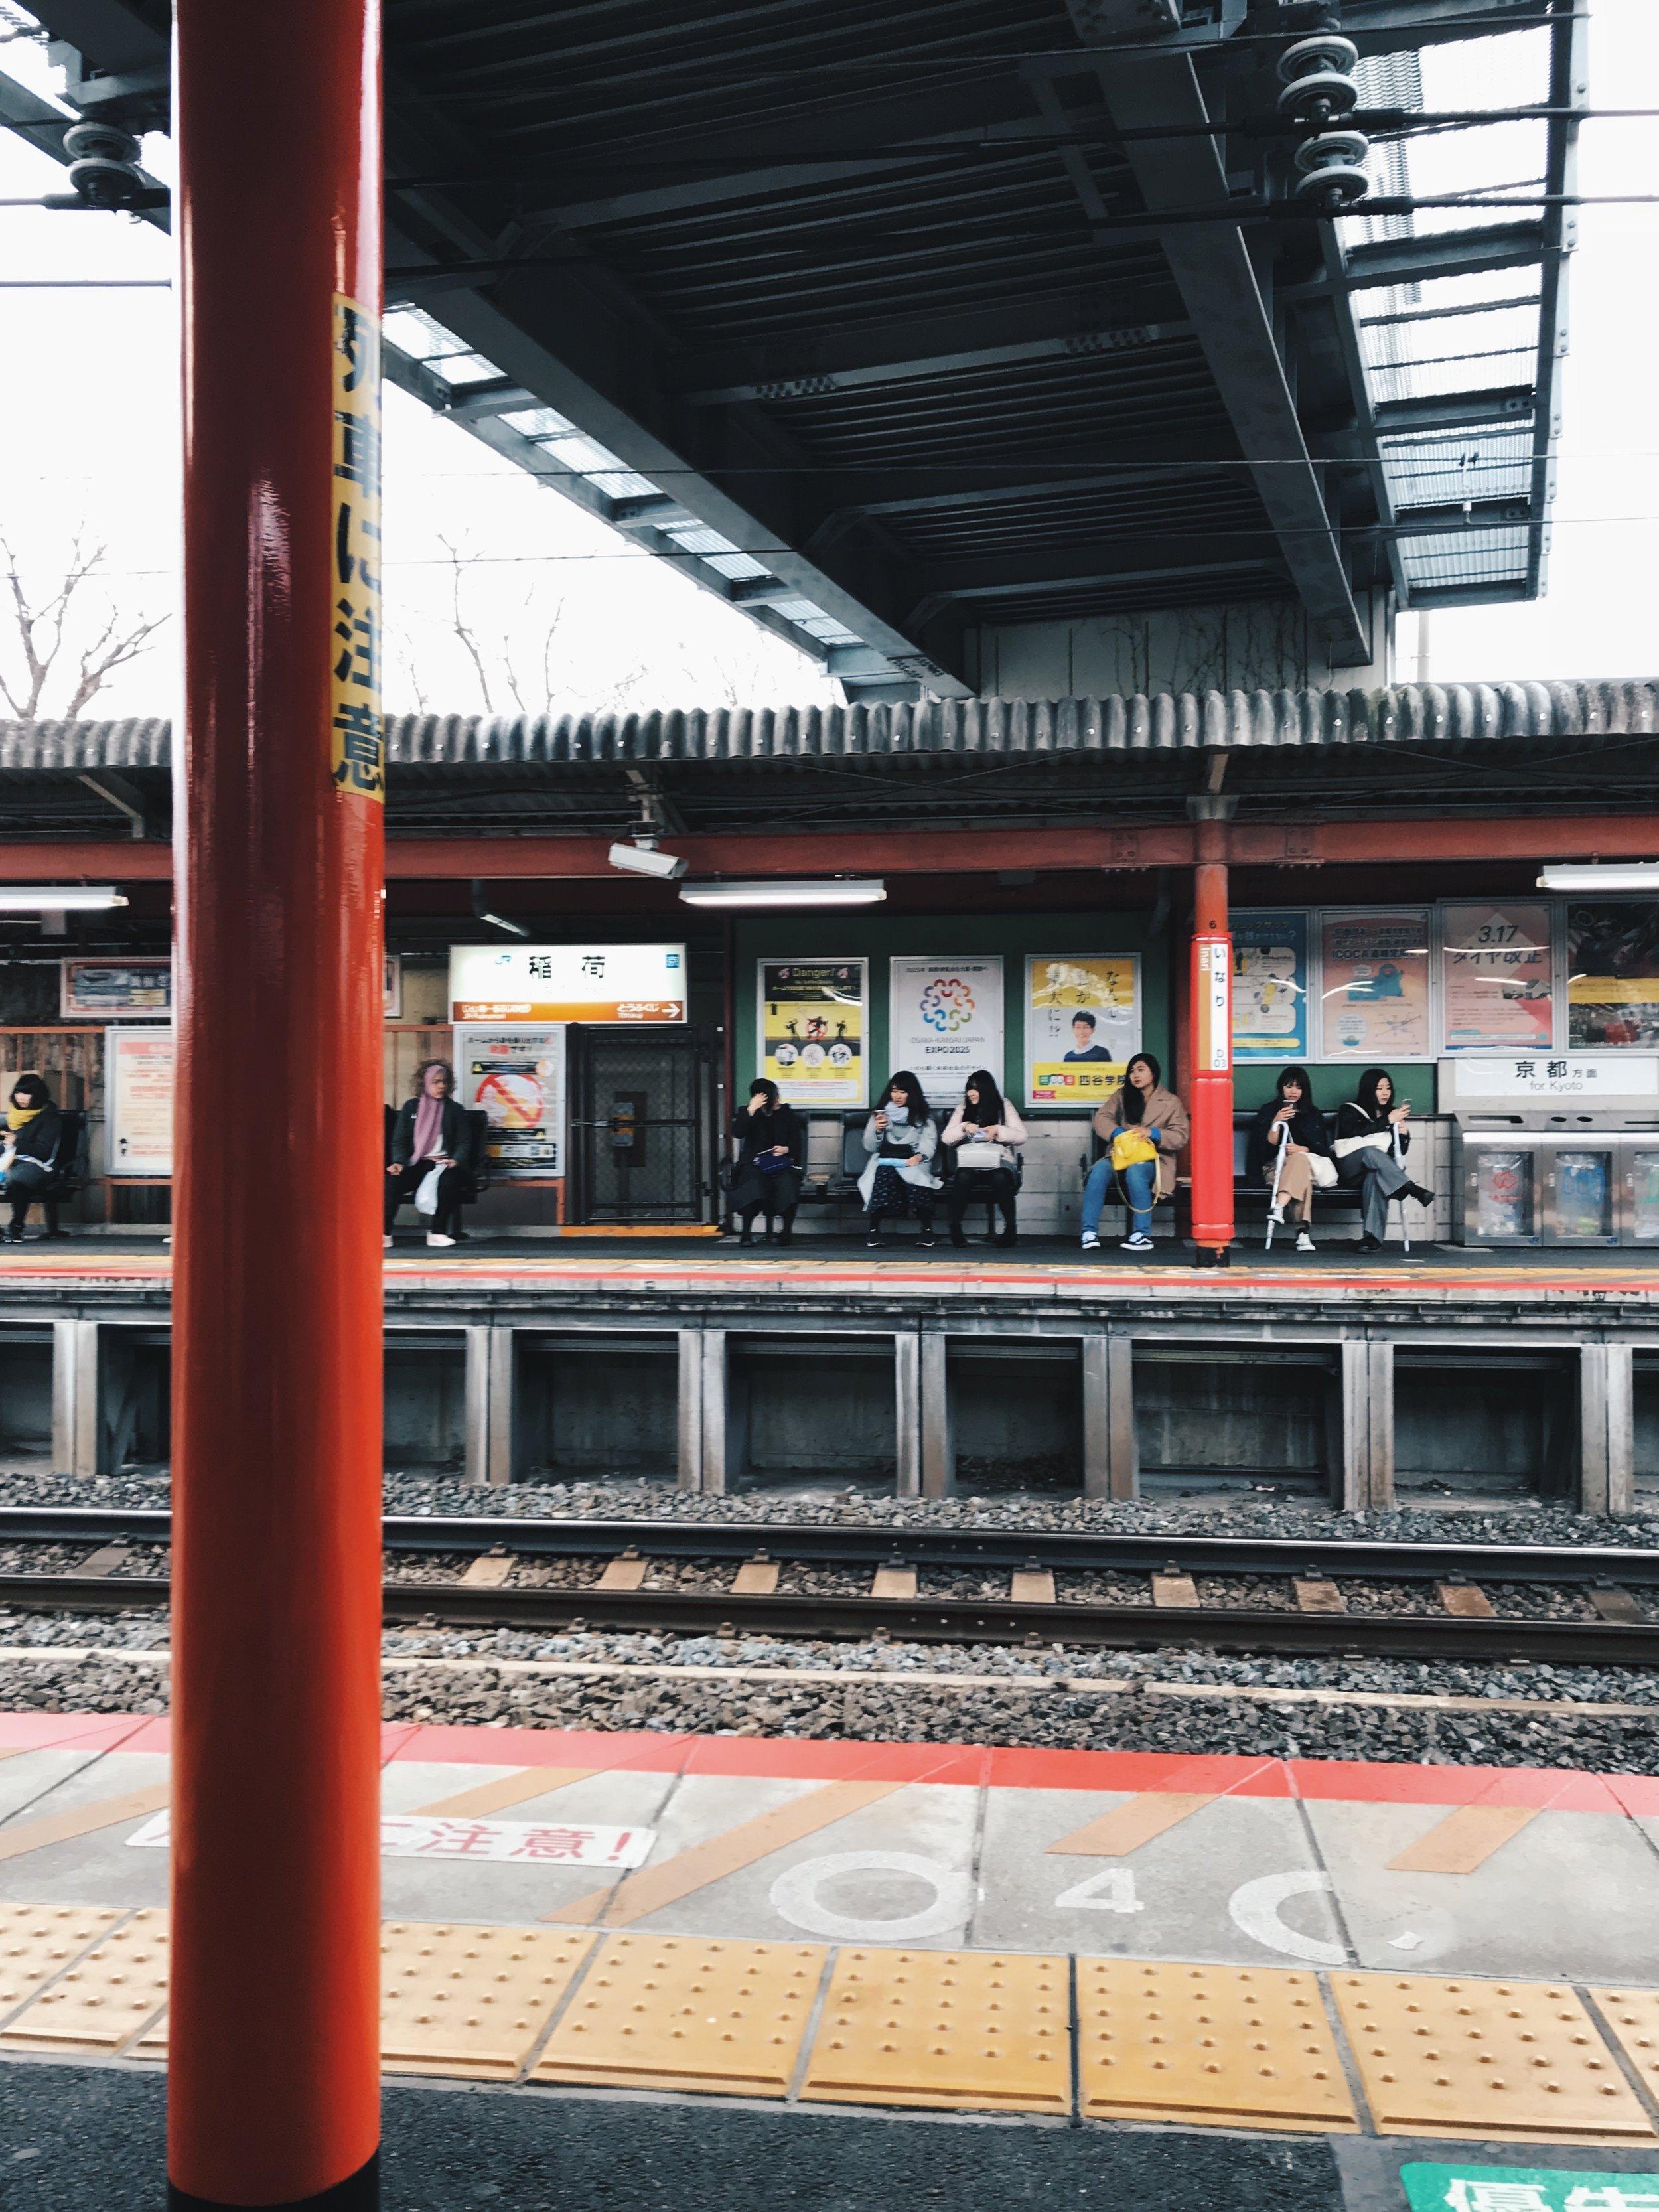 Inari train stop